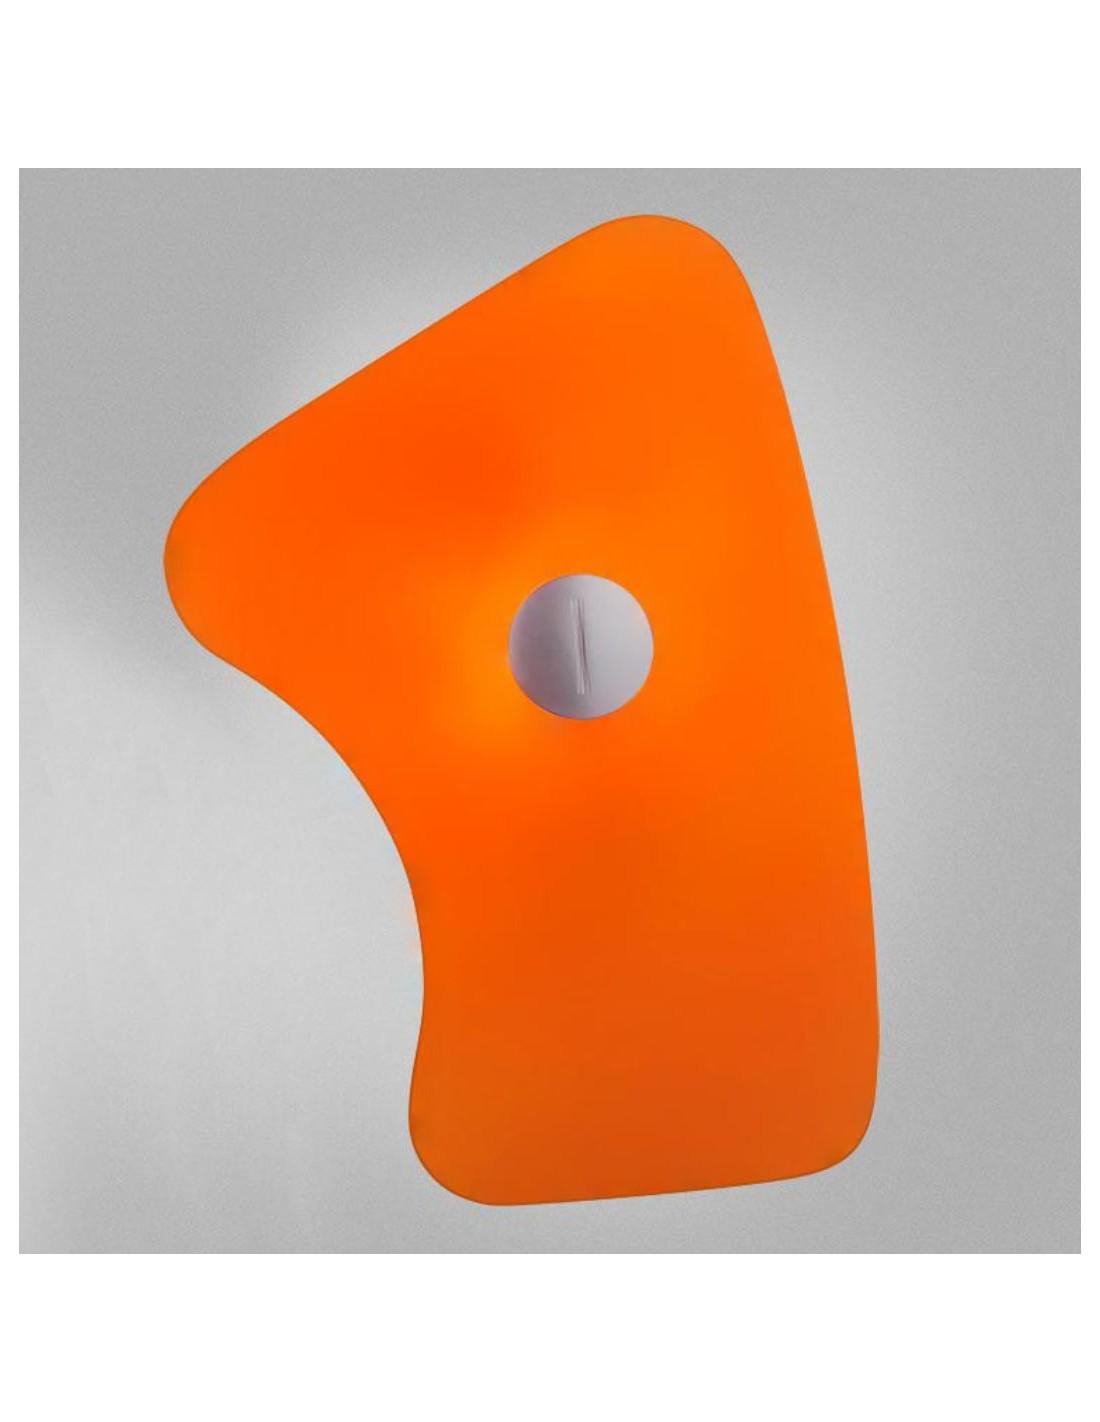 Applique murale bit 5 orange de Ferruccio Laviani pour la marque Foscarini chez Valente Design